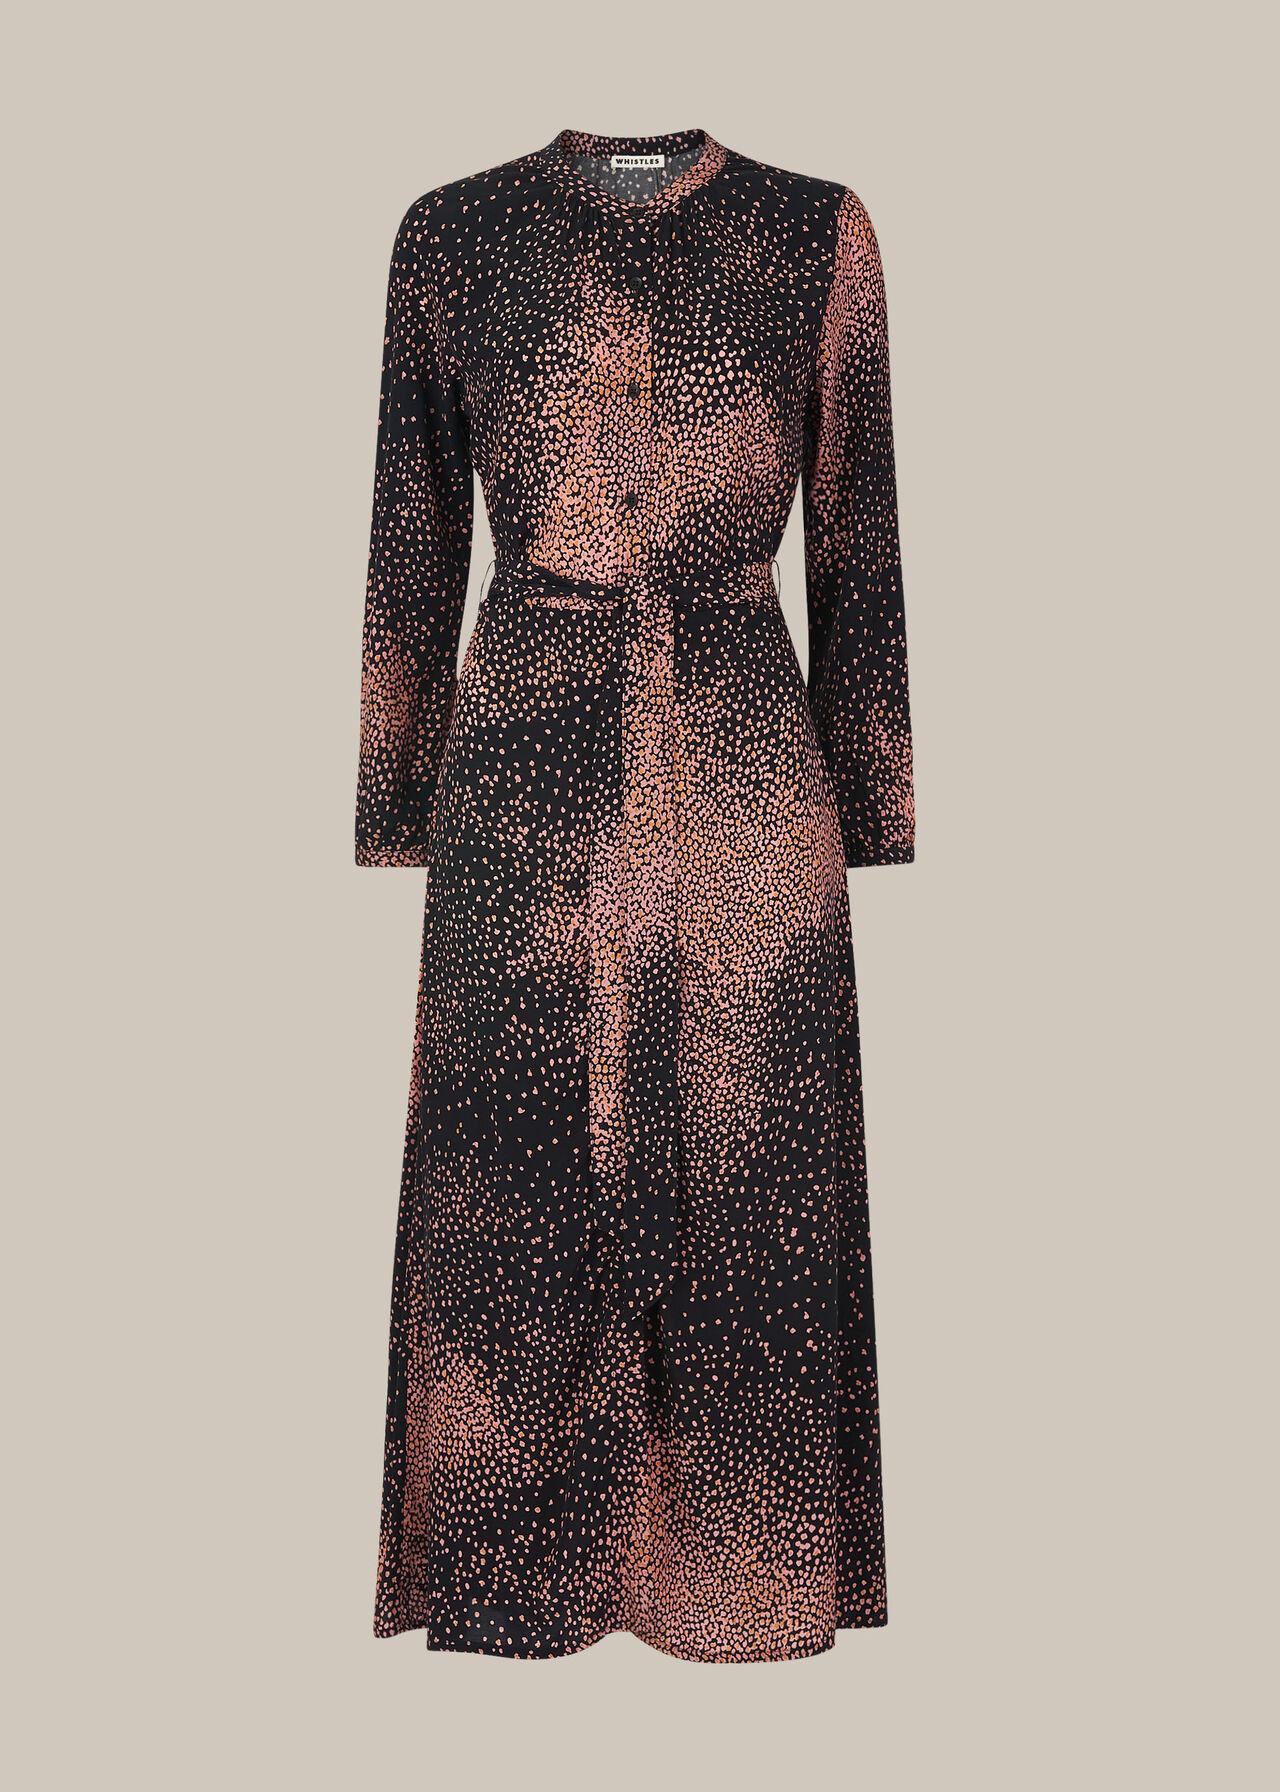 Scattered Bloom Dress